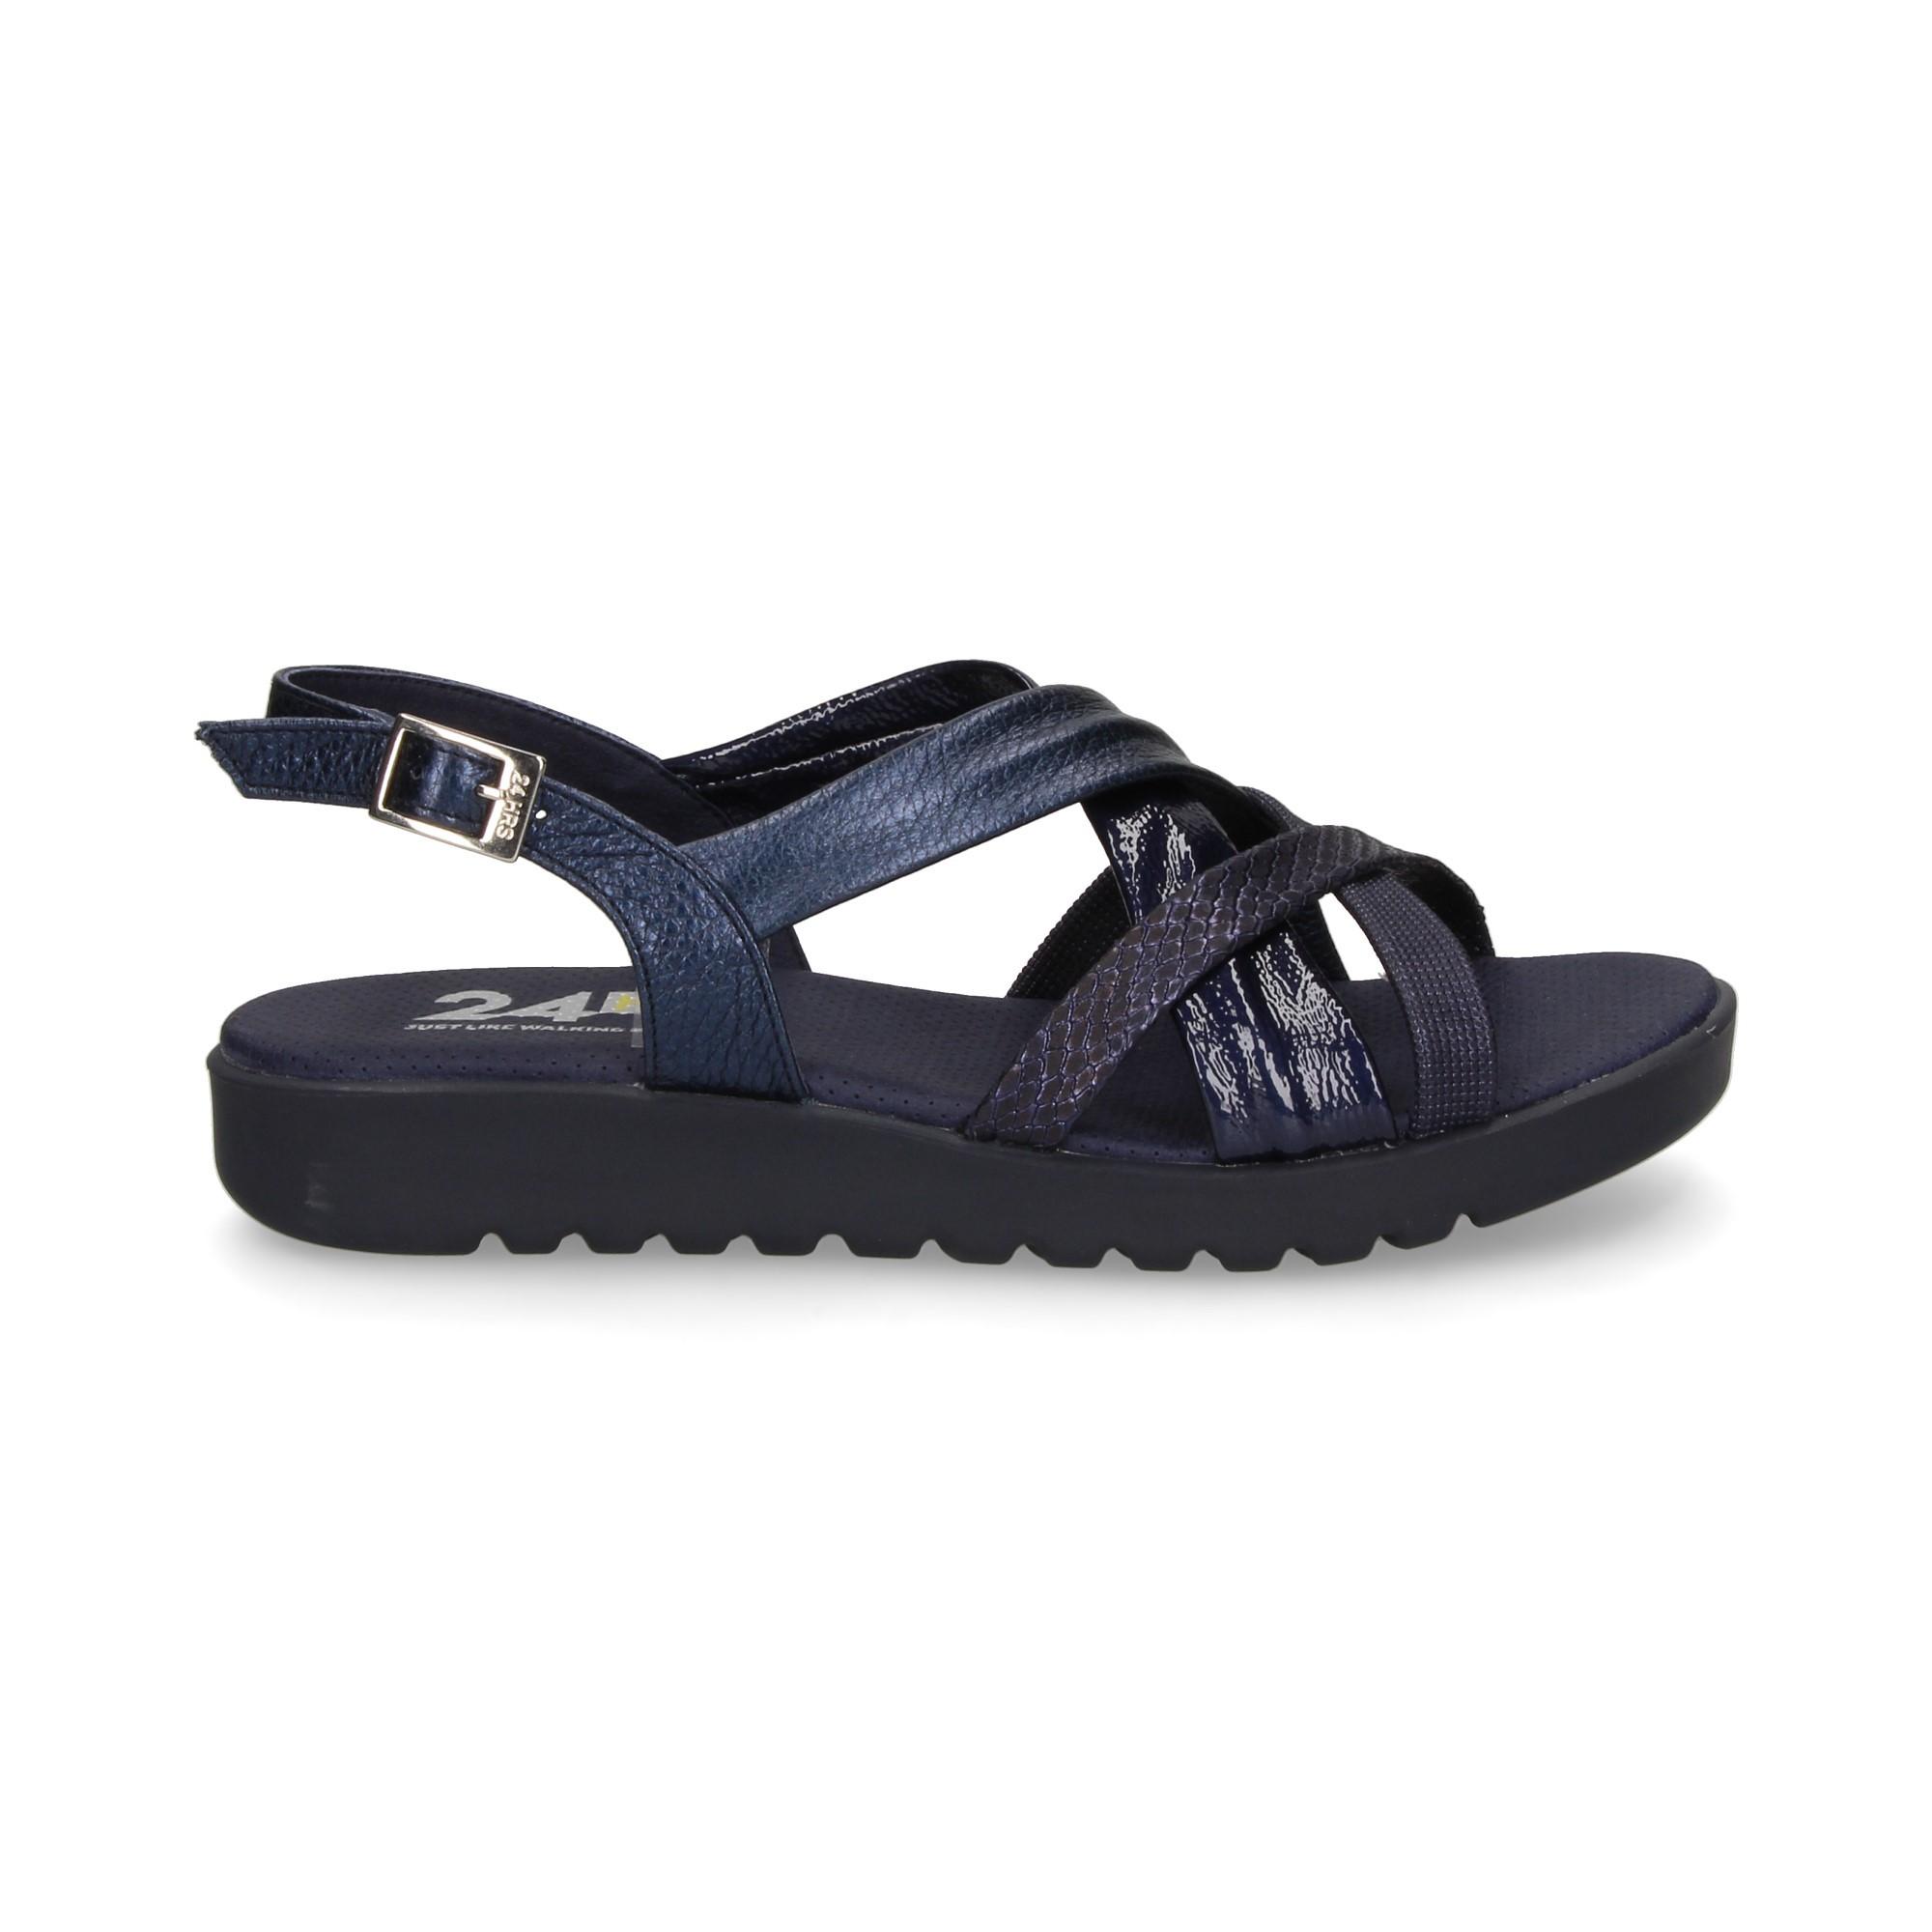 Planas Mujer Azul Sandalias De 24 24087 Horas XPZiTkuwO